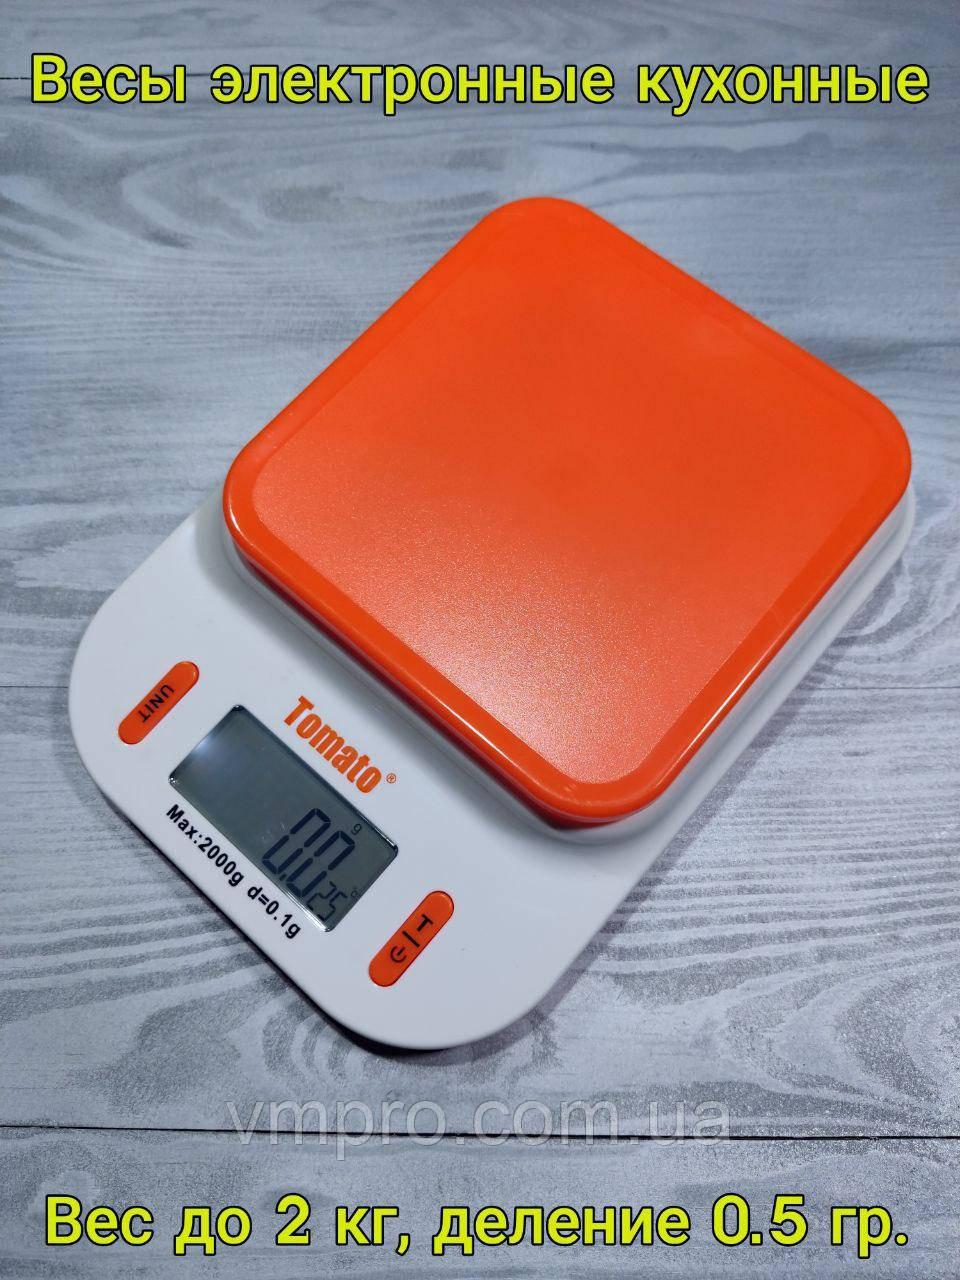 Весы кухонные TOMATO с термометром до 2 кг, деление 0.5 гр. №109-2